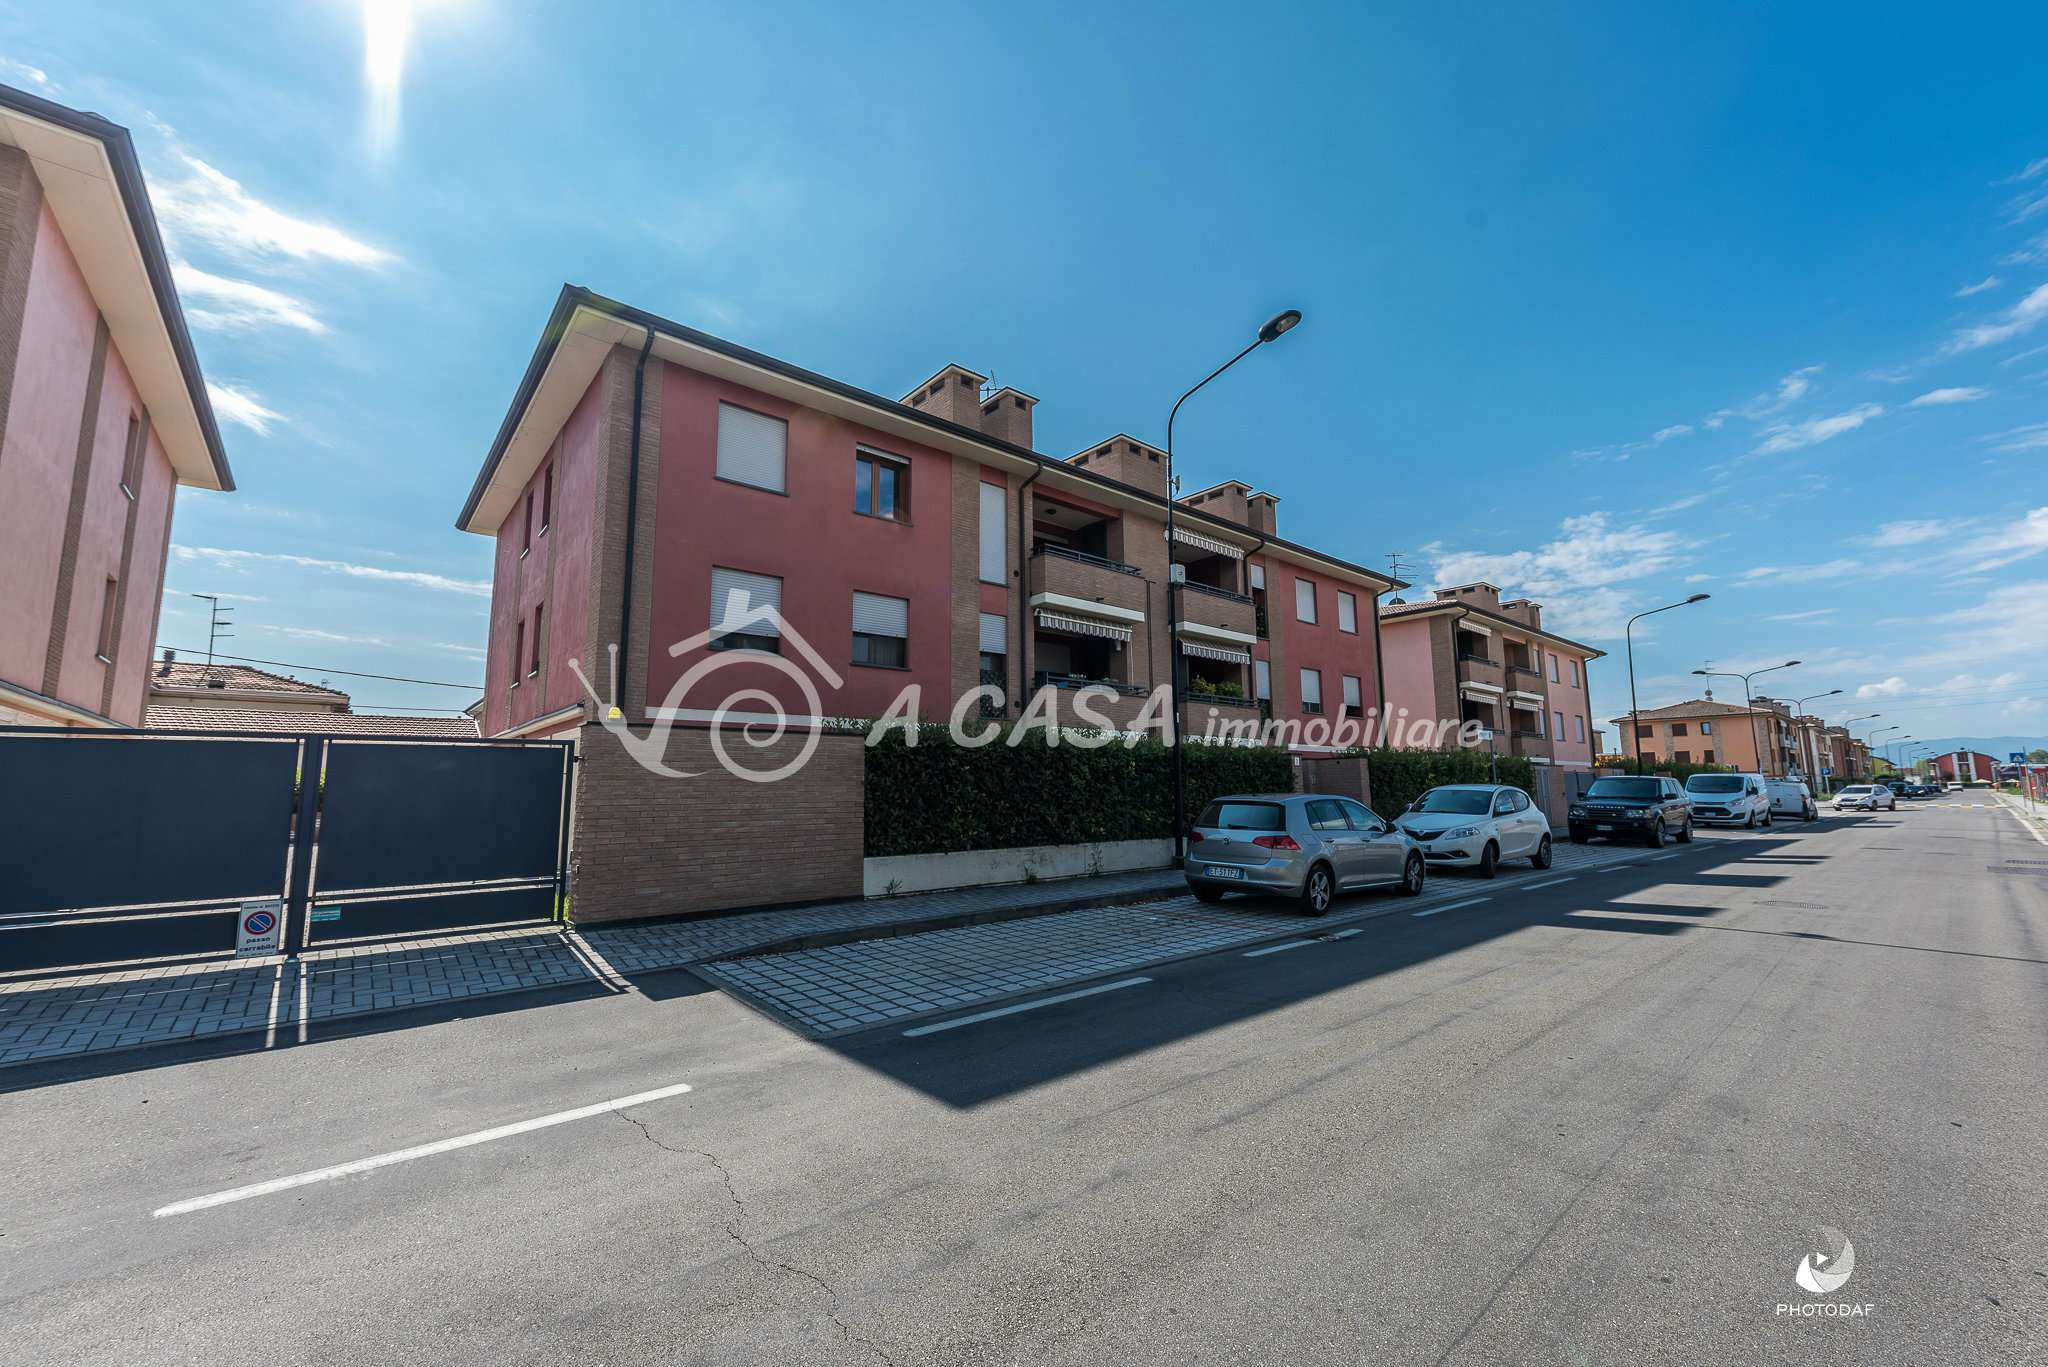 Appartamento parzialmente arredato in vendita Rif. 6740520